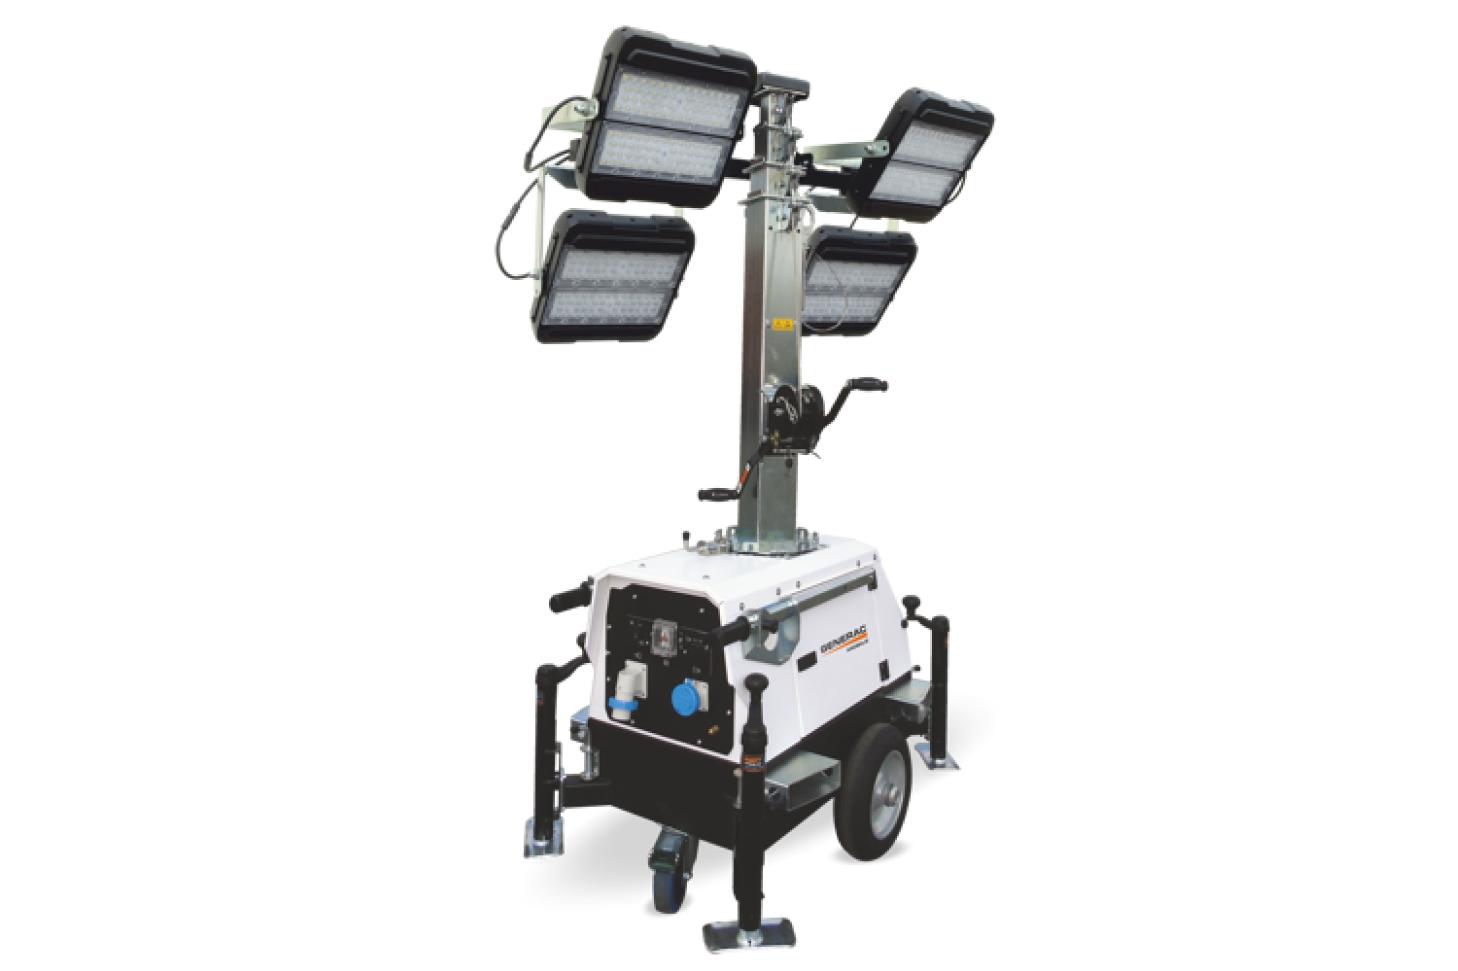 GENERAC MOBILE Linktower LED Электрическая осветительная мачта